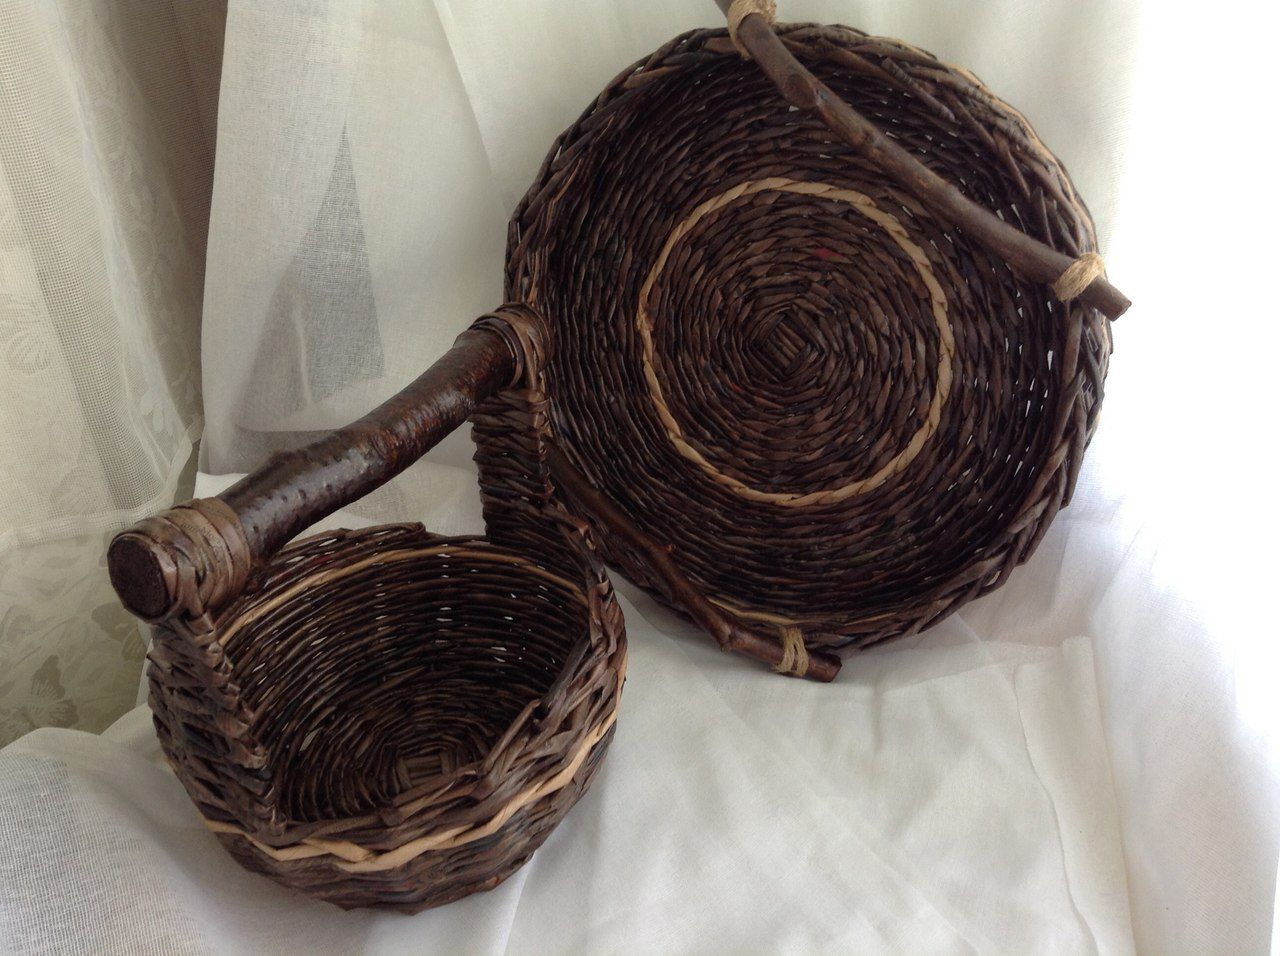 подарок работа декор ручная поднос для интерьере плетеный плетенки набор корзинка кухни в оригинальный